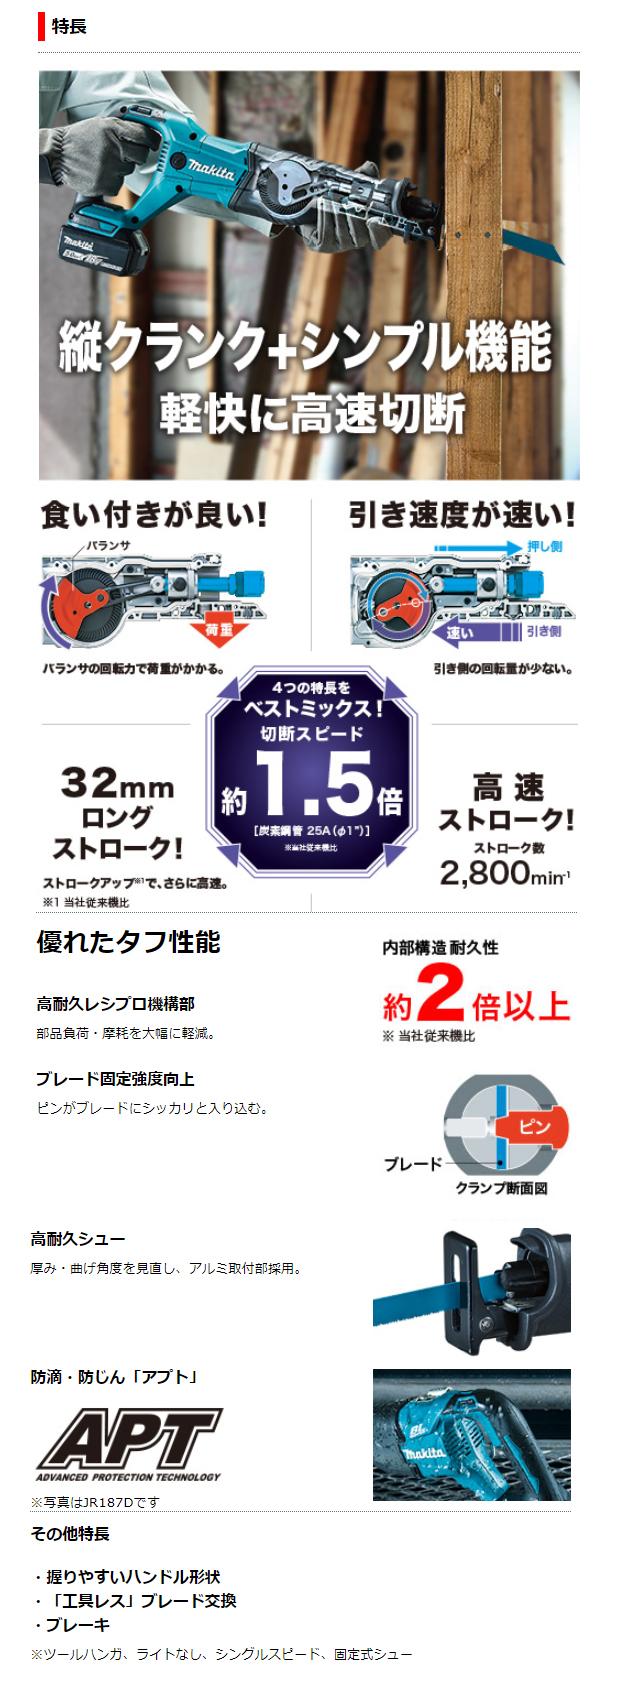 マキタ 18V充電式レシプロソー JR186D